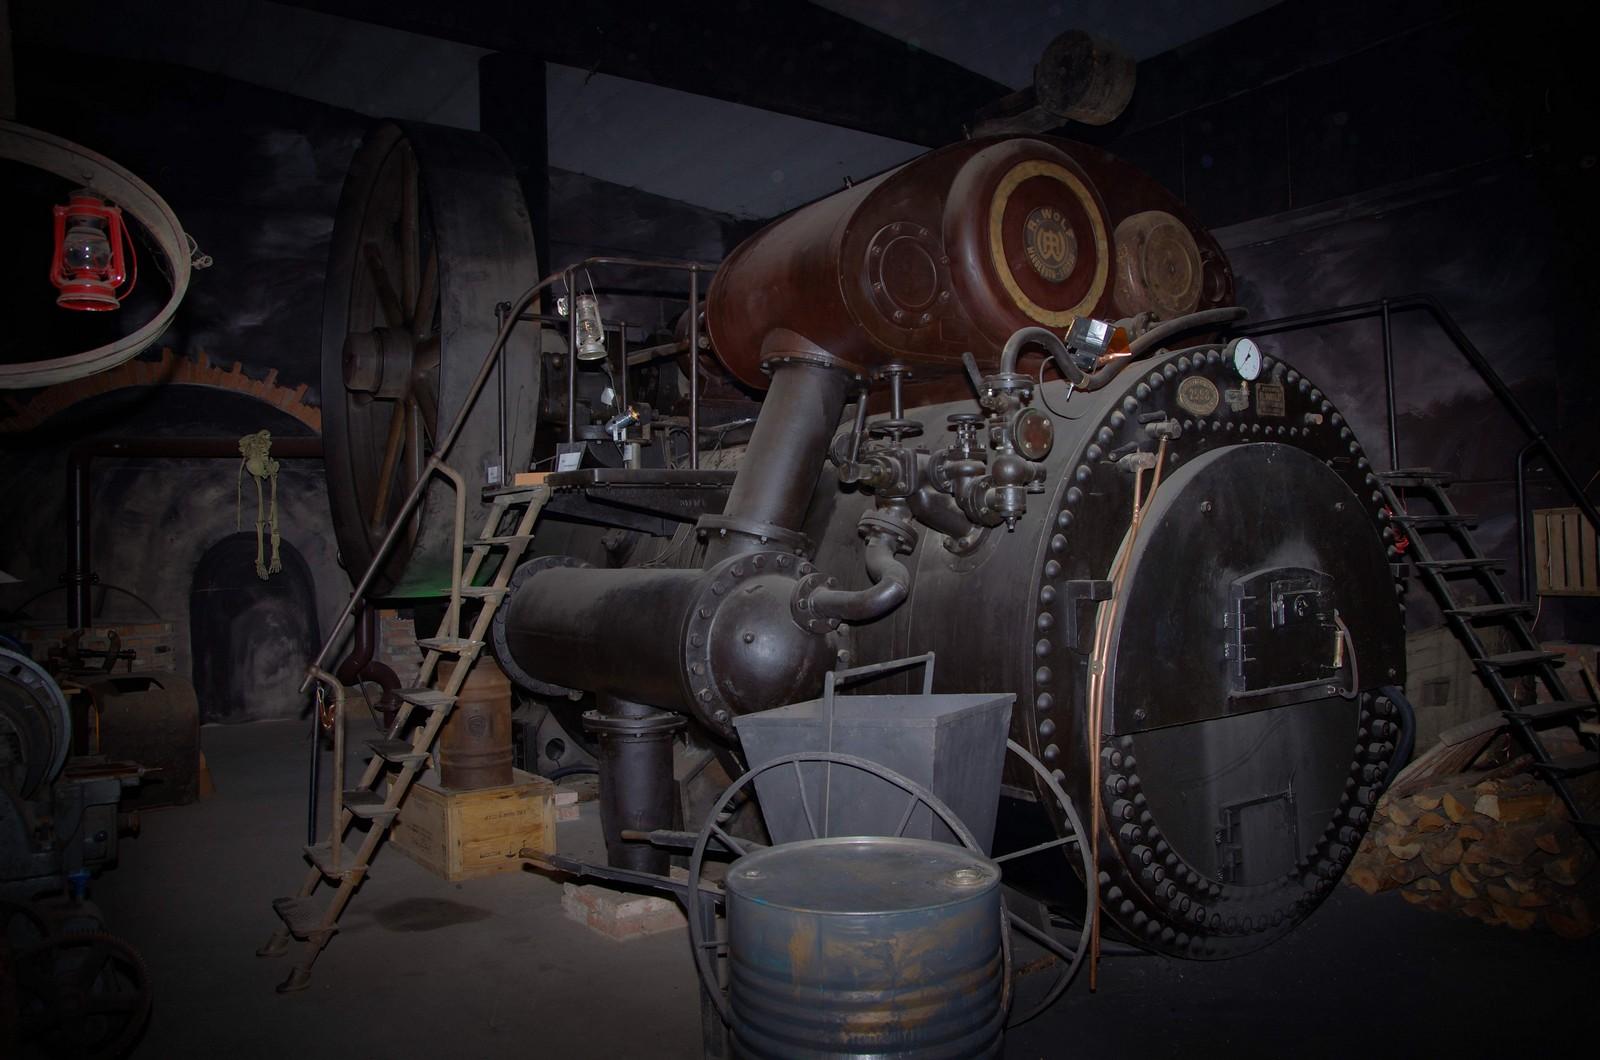 Größte Dampfmaschine Bayerns(Standort Furth im Wald)